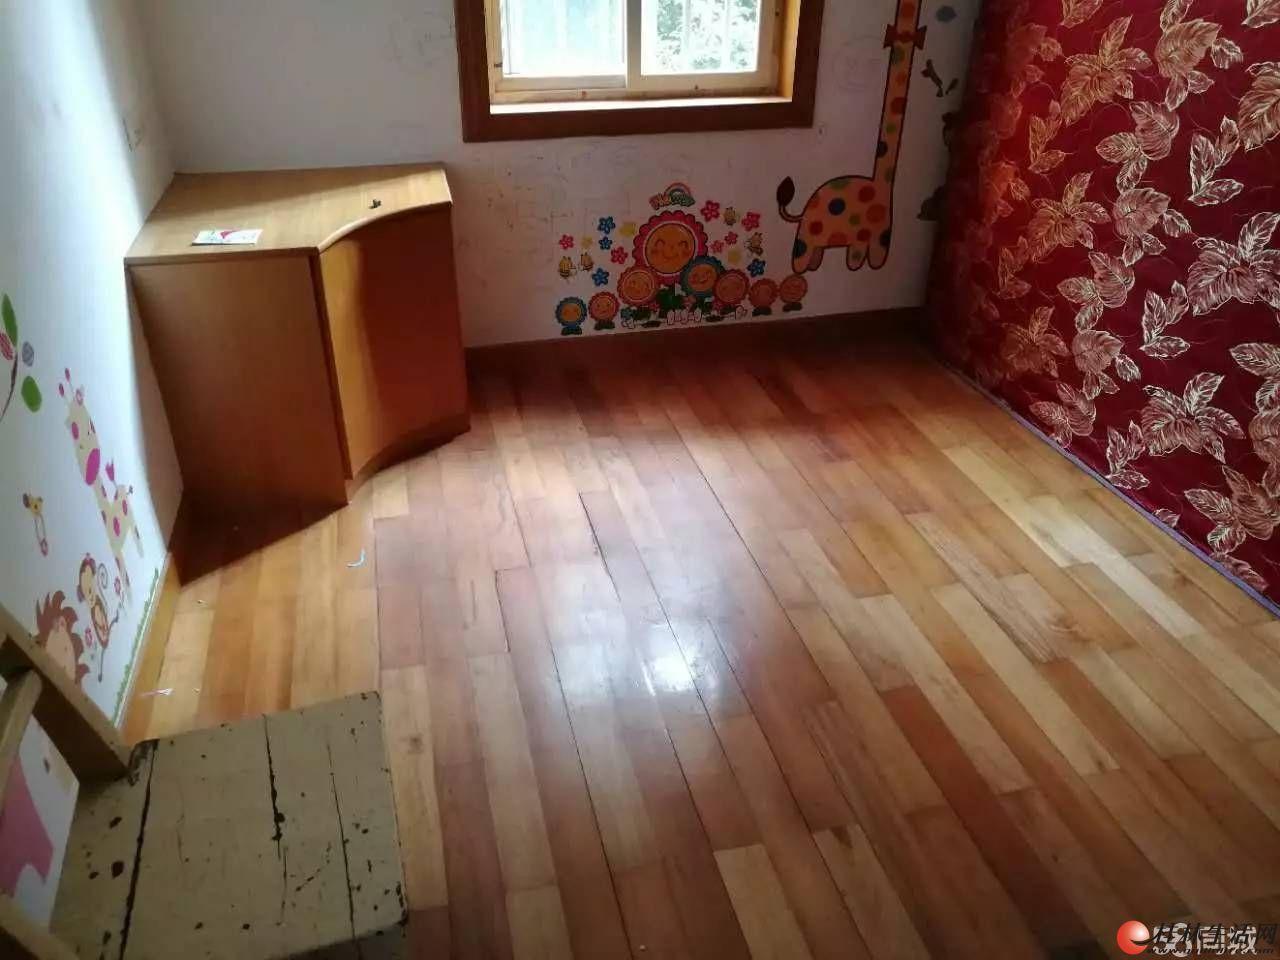 翊武路西清湖菜市旁 2房2楼带简单家具和家电